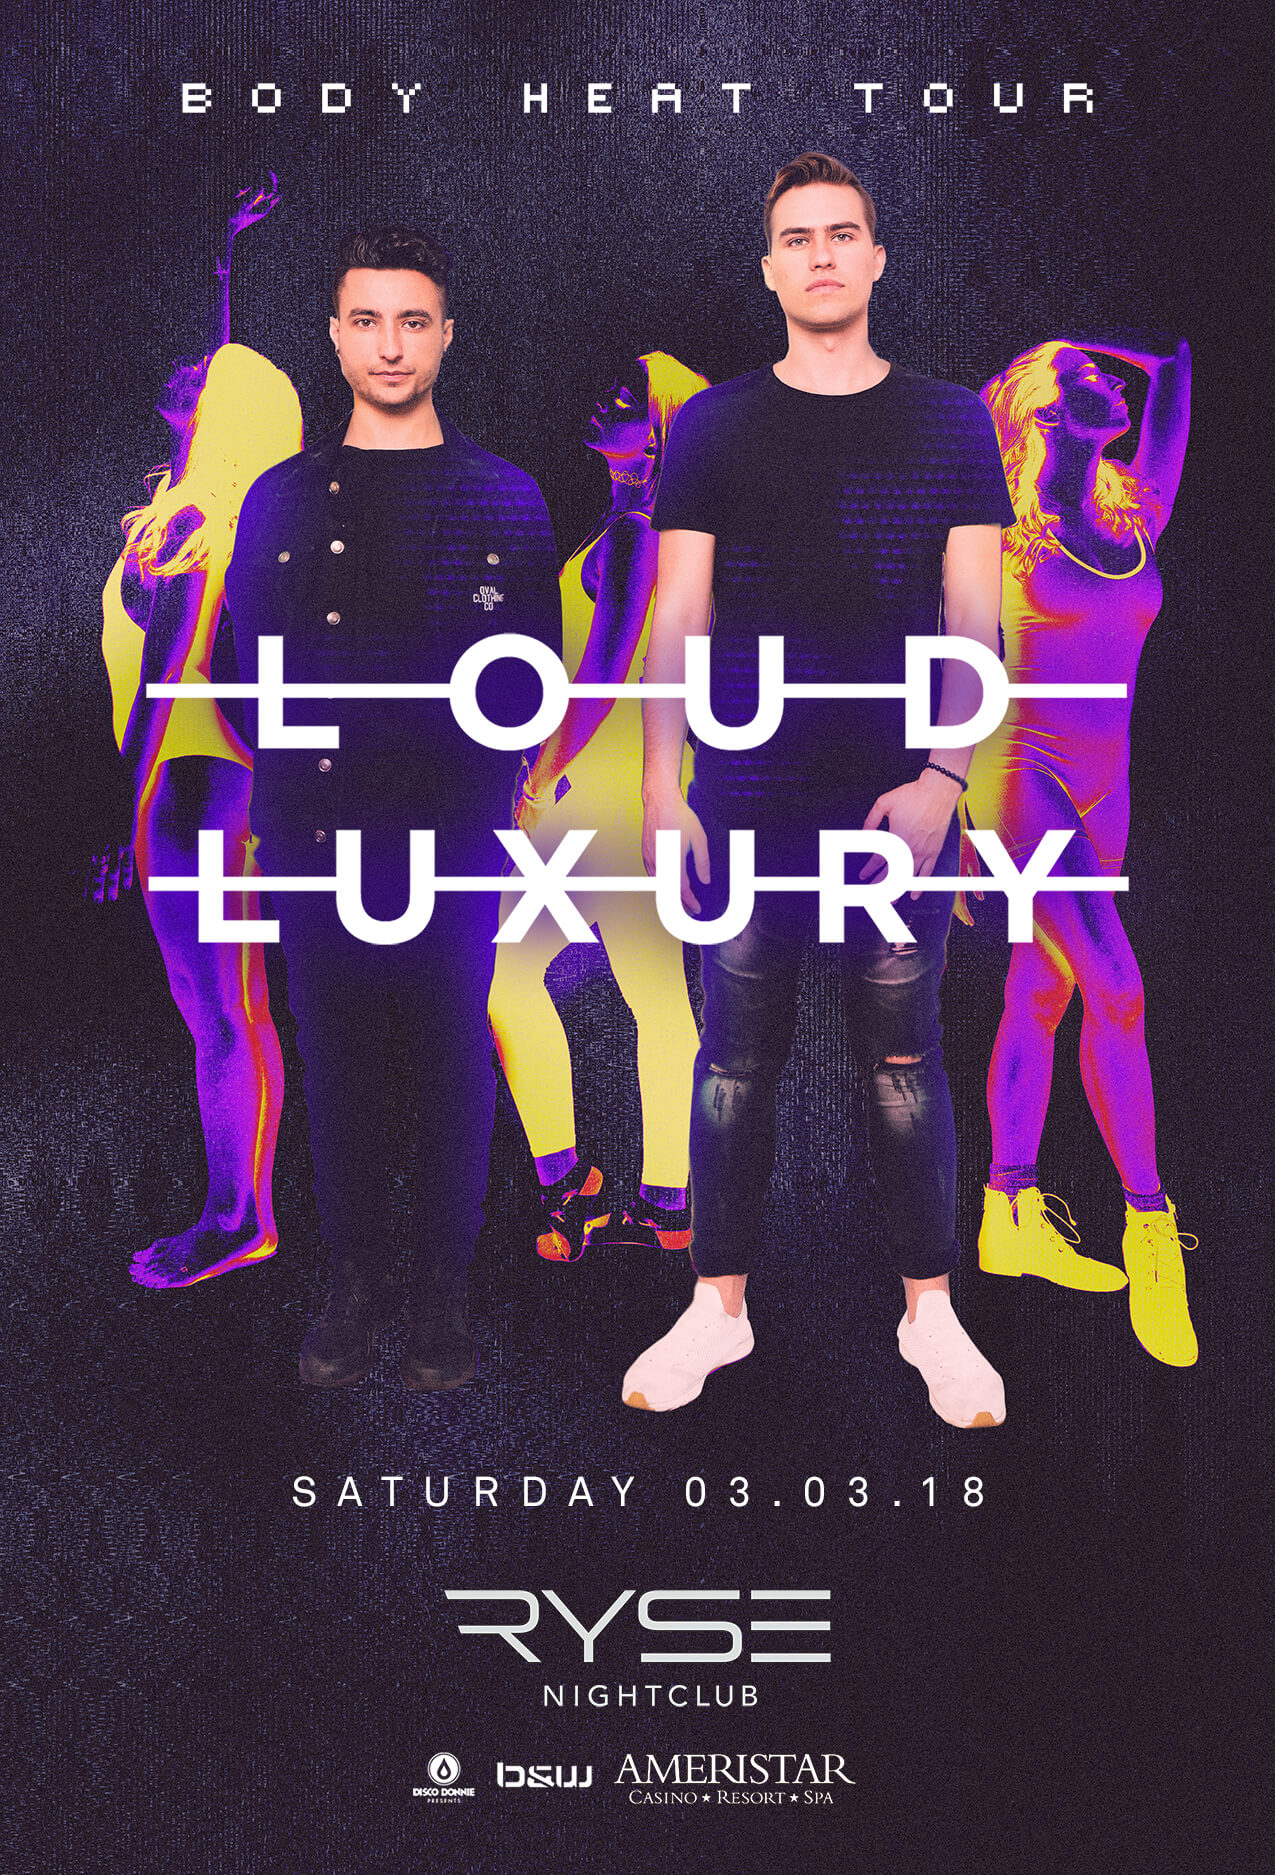 Loud Luxury in St Charles